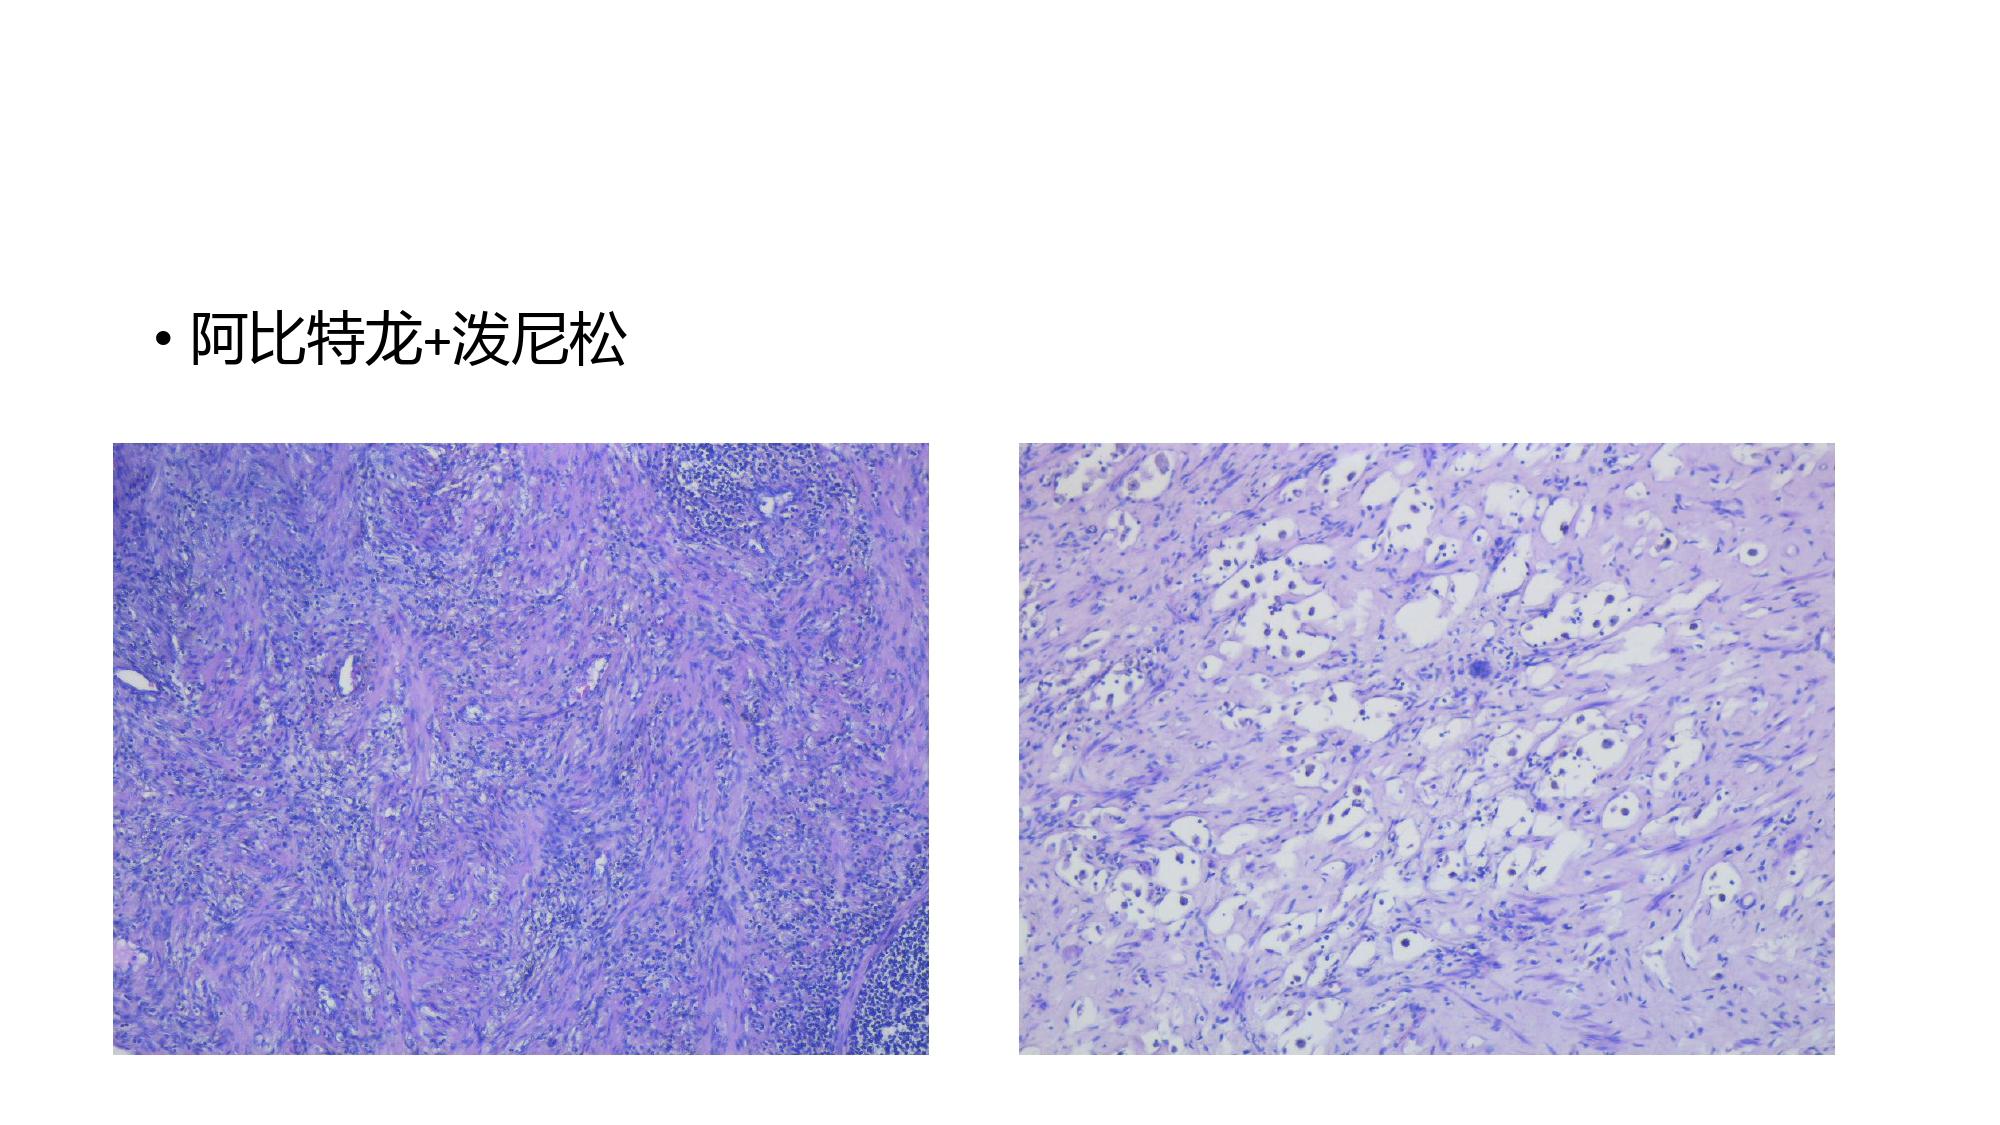 前列腺腺癌新辅助治疗的病理学评估